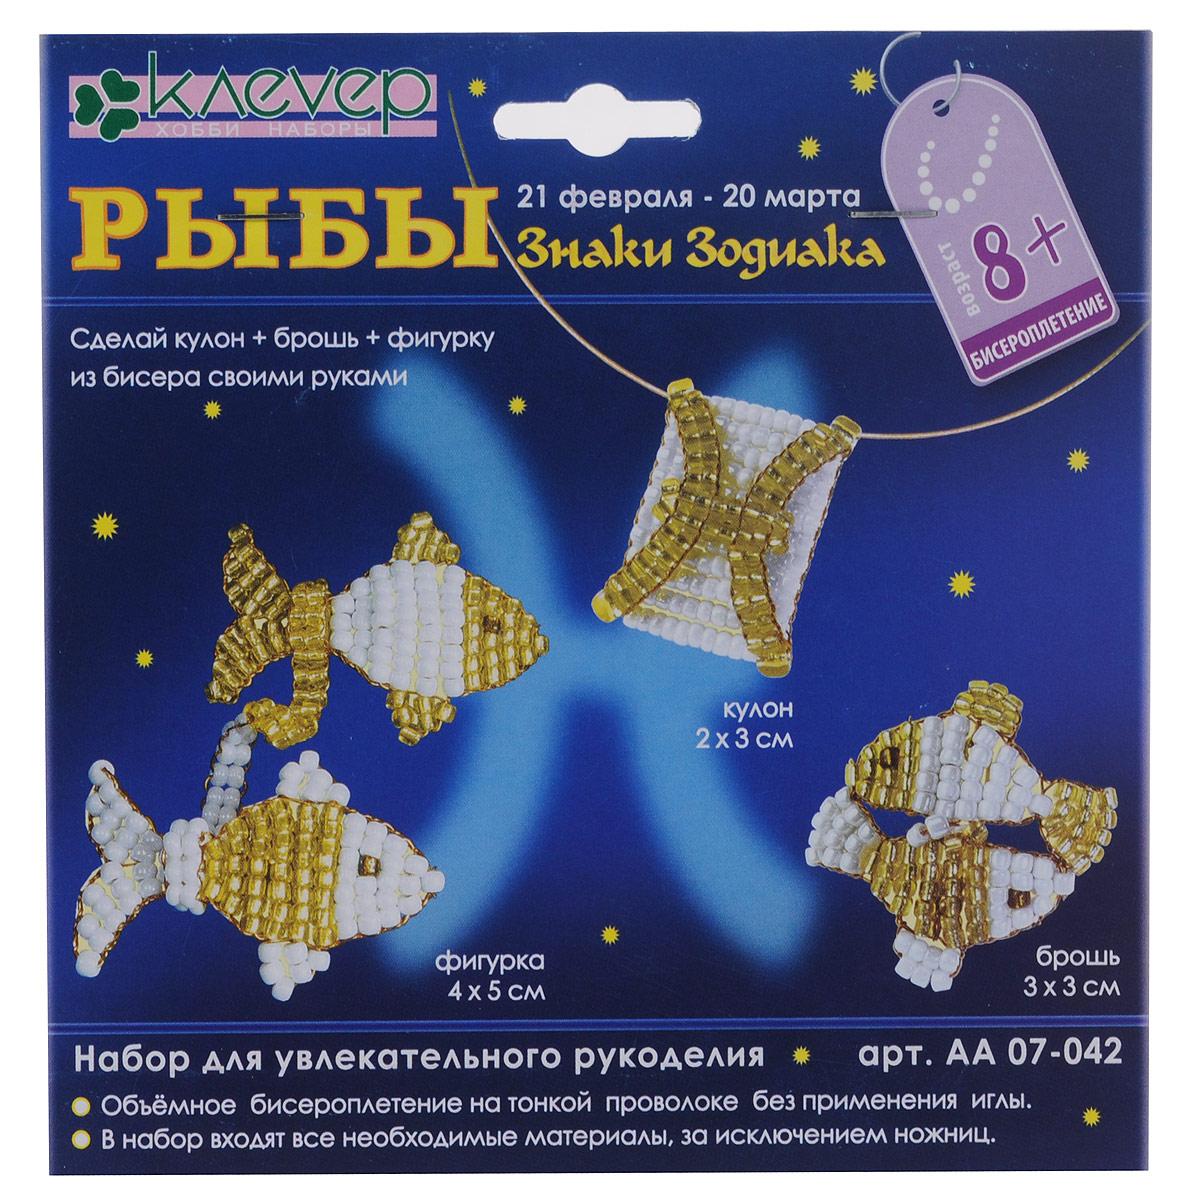 """Набор для бисероплетения """"Рыбы"""" позволит вам создать своими руками кулон, брошь и фигурку, которые являются стилизованными изображениями знака Зодиака """"Рыбы"""", выполненные в жемчужно-золотой гамме. Сплетенные на проволоке из жемчужного бисера с """"золотыми"""" элементами, они будут замечательно смотреться как кулон на """"золотой"""" ювелирной струне, как милая брошь на английской булавке и как миниатюрная бисерная фигурка. Главное, что рукодельница сможет легко изготовить эти изделия в подарок, или они всегда будут вместе с ней как талисман. В набор входят бисер, проволока, декоративная струна, металлические зажимы и замок, английская булавка и подробная иллюстрированная инструкция на русском языке на обратной стороне коробки."""